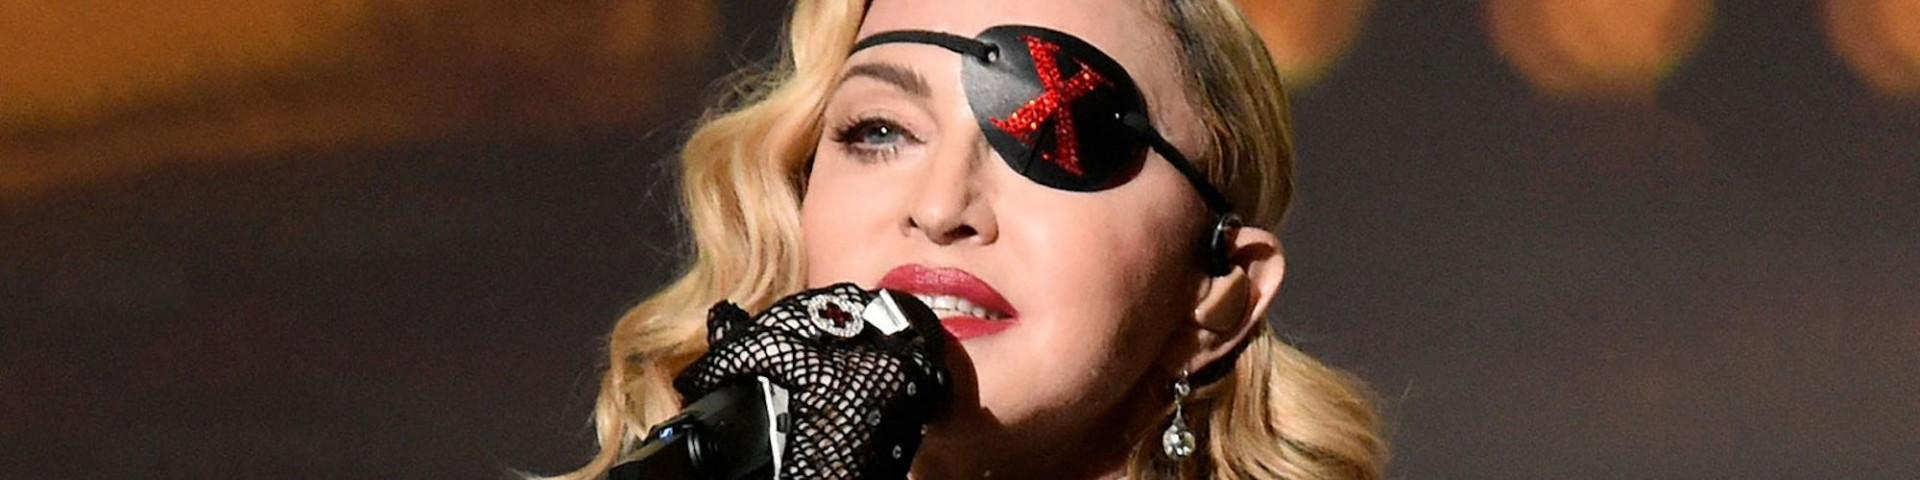 Sanremo 2020: Madonna ospite e Monica Bellucci valletta?